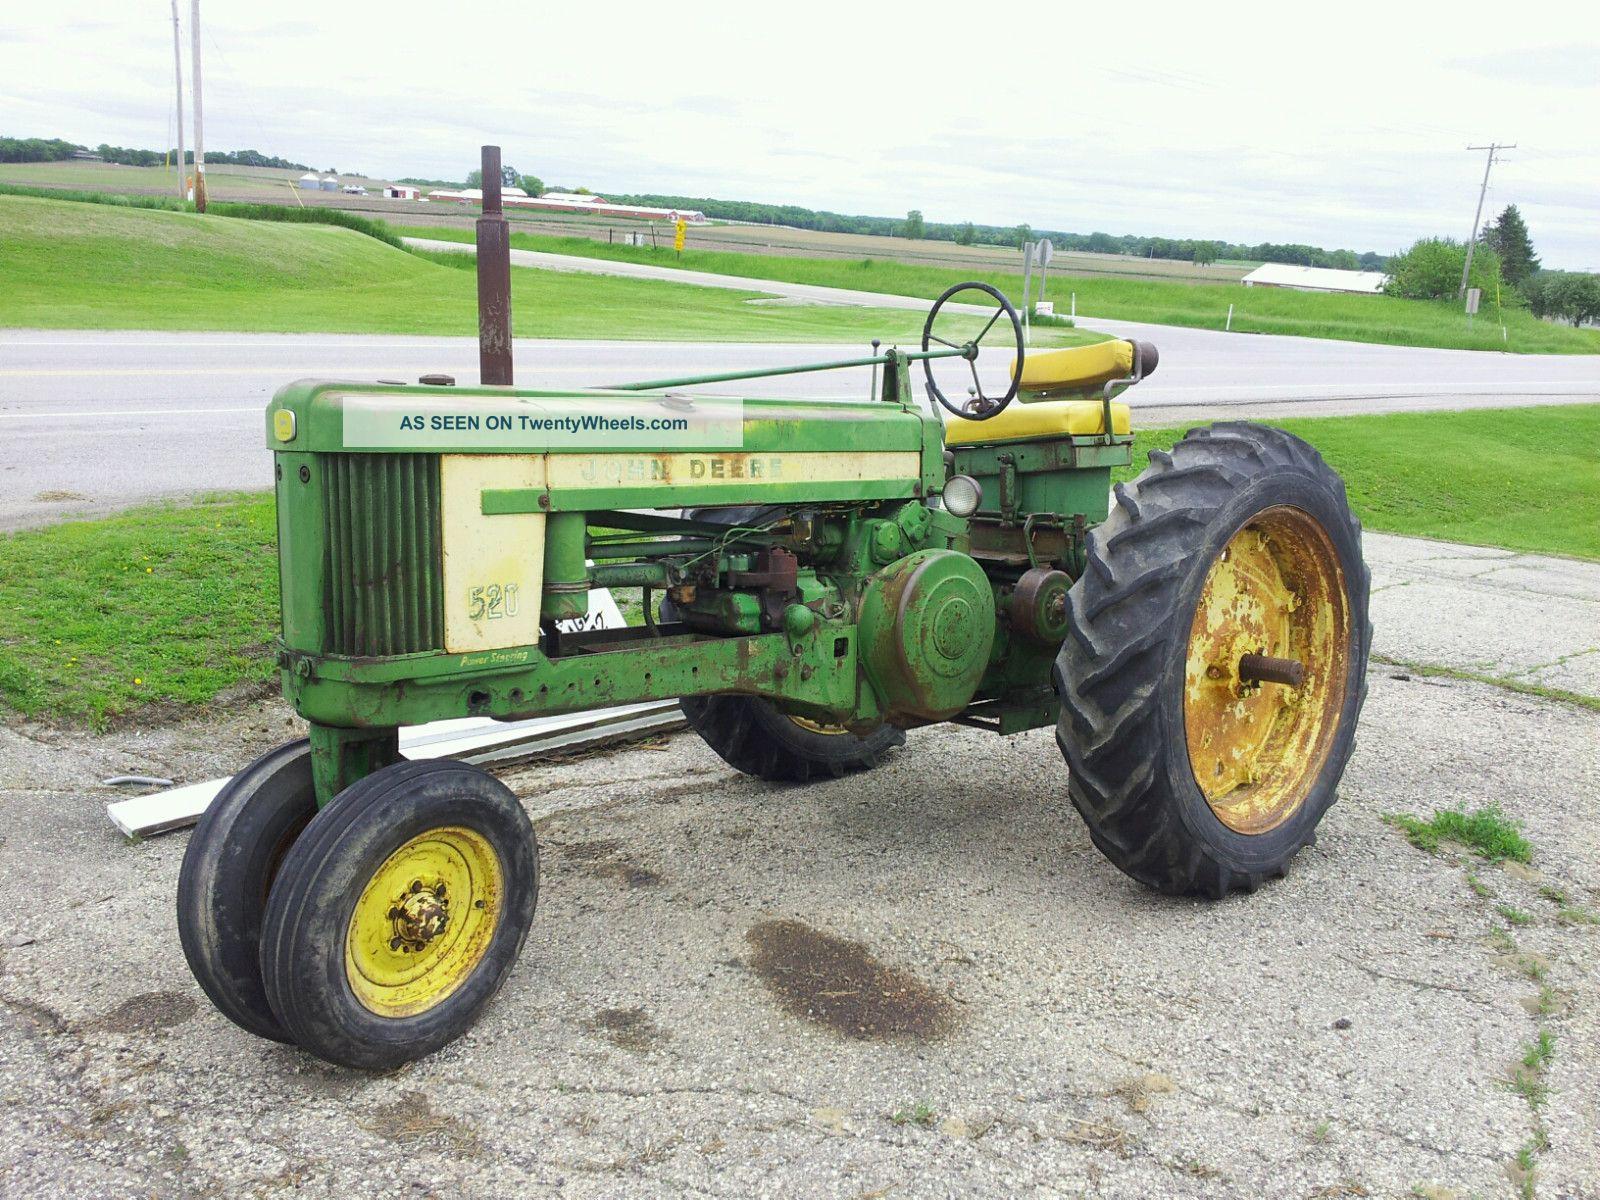 John Deere 520 Tractor Clutch : John deere straight tractor